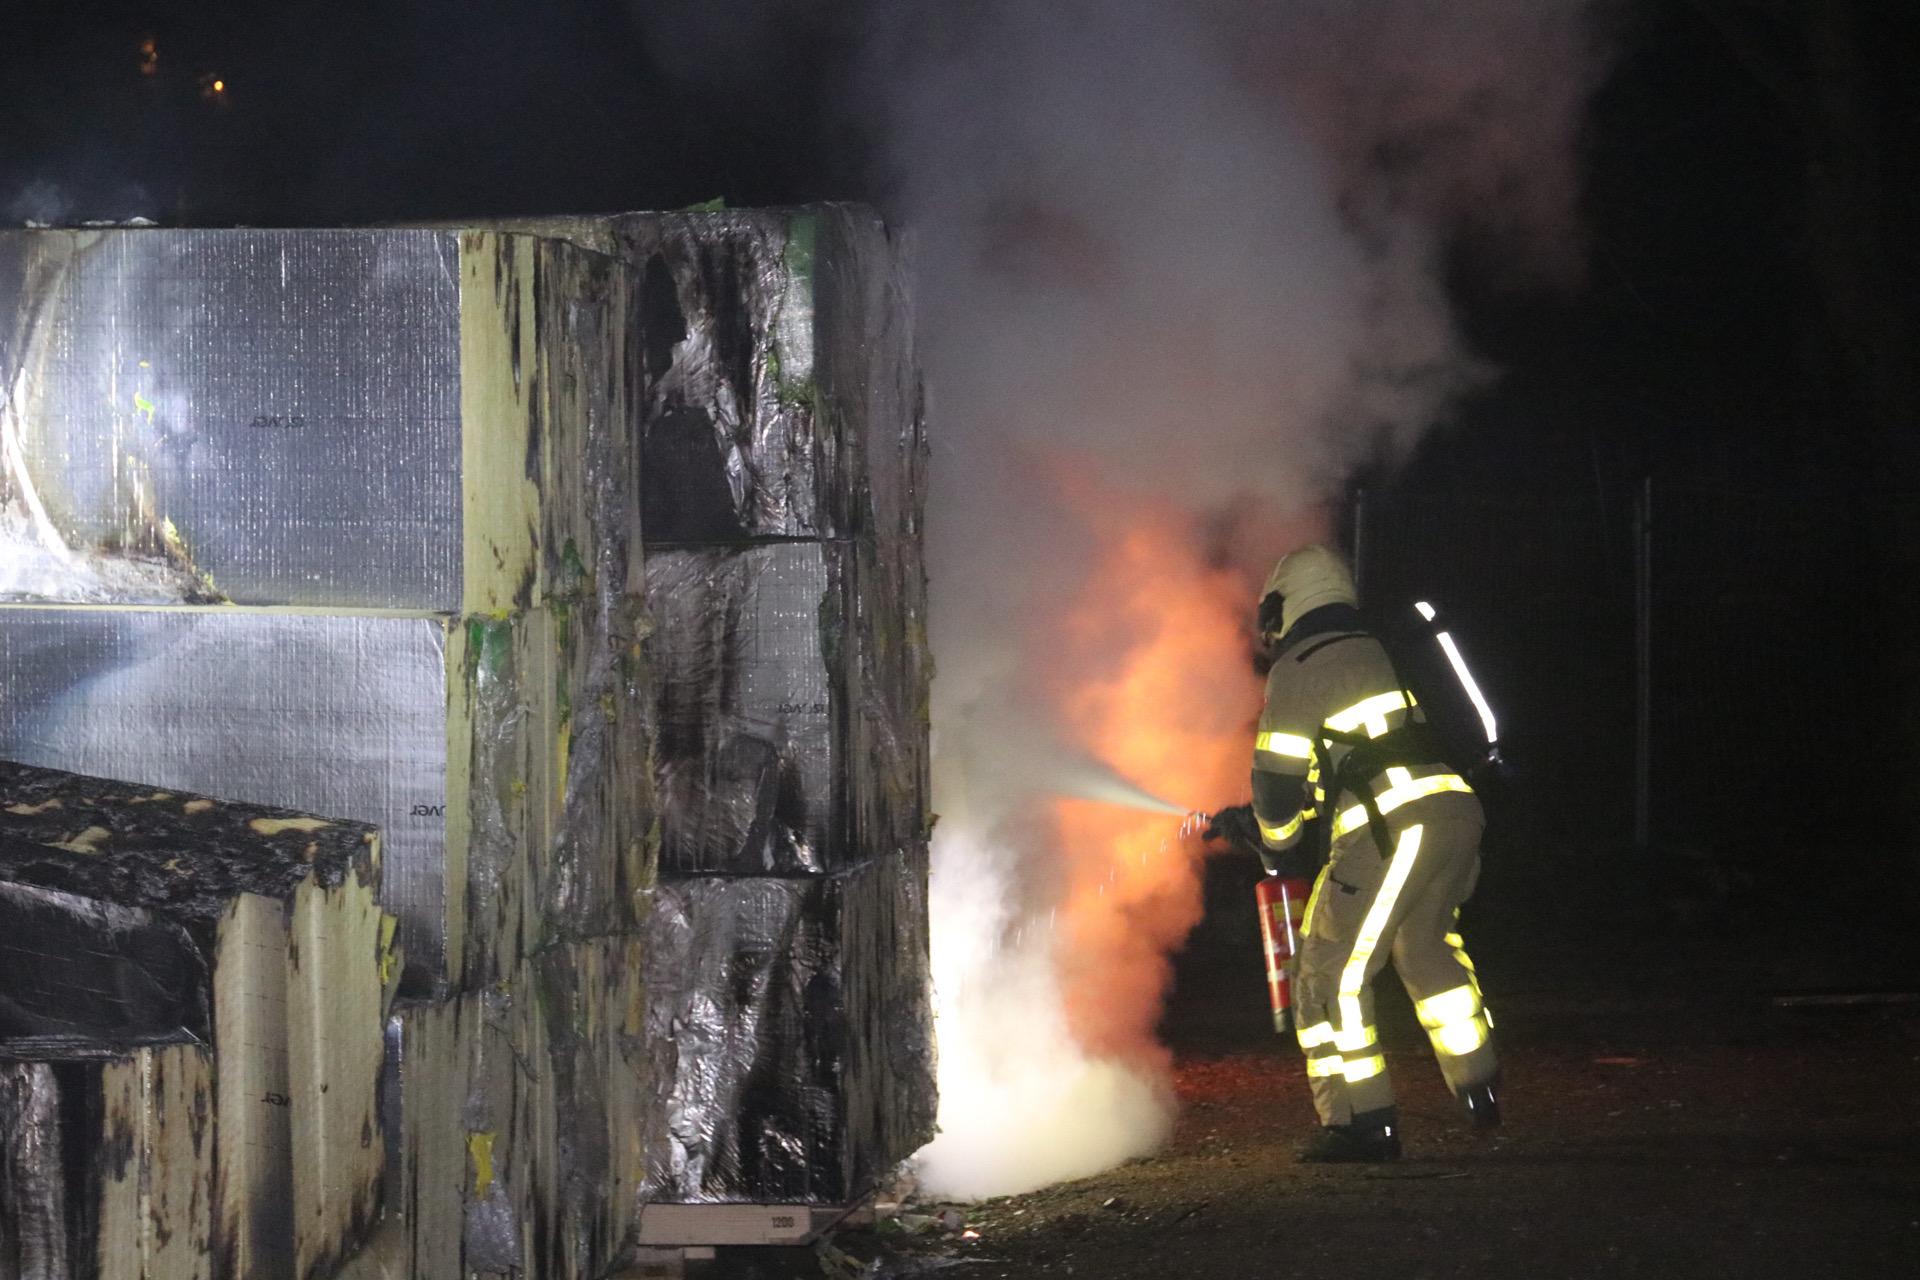 Brandweer blust stapel met isolatiemateriaal